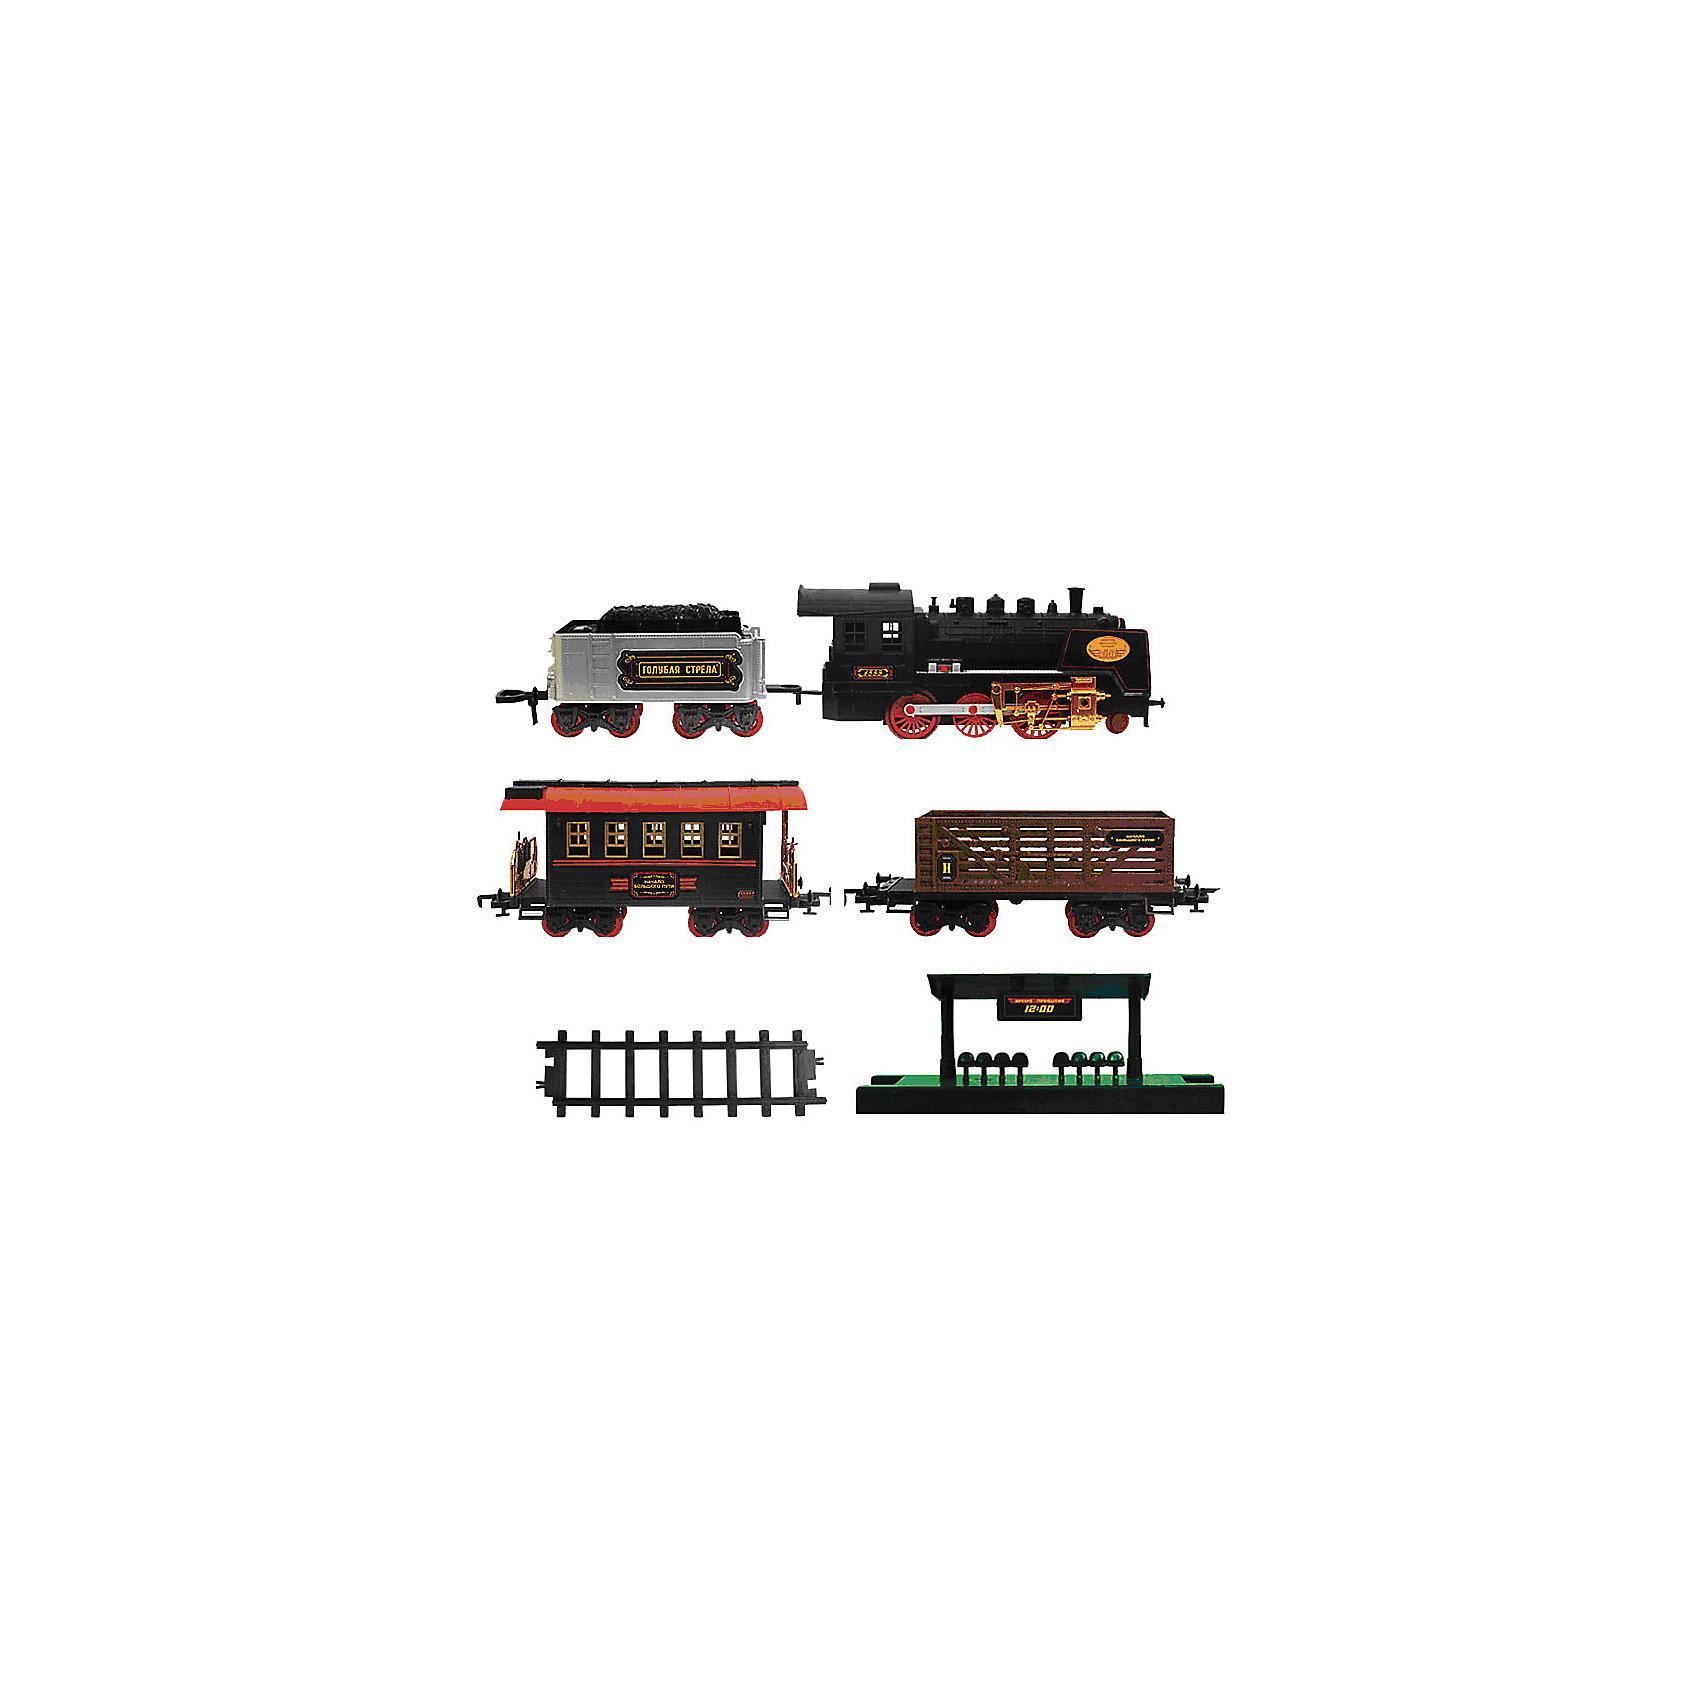 Железная дорога с тендером и вагончиками 650 см, Голубая стрелаИгрушечная железная дорога<br>Железная дорога с тендером и вагончиками 650 см, Голубая стрела.<br><br>Характеристики:<br><br>• Комплектация: локомотив, тендер, пассажирский вагон, грузовой вагон, станция, стрелки, 22 элемента дороги<br>• Количество элементов: 27 шт.<br>• Масштаб 1:32<br>• Ширина колеи: 5,2 см.<br>• Общая протяженность: 650 см.<br>• Батарейки: 6 типа АА (не входят в комплект)<br>• Материал: пластик, металл<br>• Упаковка: картонная коробка блистерного типа<br>• Размер упаковки: 43,5x86,5x11 см.<br><br>Вы только посмотрите, какой прекрасный набор железной дороги! Выполненный в стиле ретро паровоз выглядит очень эффектно. Несмотря на то, что набор предназначен для детей от трех лет, его можно преподнести в качестве подарка и взрослым ценителям железных дорог. Комплект, состоящий из восхитительного локомотива, тендера и 2-х вагончиков (товарного и пассажирского), элементов дороги, станции, хорош не только внешним видом, но и функциональным содержанием. <br><br>Звуковые и световые эффекты, дым из трубы, все это создает впечатление реалистичности картины. Погрузиться в игру с этой железной дорогой можно на долгие часы. Впечатляет общая длина дороги – целых 650 см (колея 52 мм )! При том собирается игрушка достаточно быстро и легко. Поезд может двигаться вперед, назад, а также в разных направлениях, благодаря стрелкам-переключателям. Игрушка развивает воображение, фантазию, пространственное мышление, творческие способности.<br><br>Железную дорогу с тендером и вагончиками 650 см, Голубая стрела можно купить в нашем интернет-магазине.<br><br>Ширина мм: 850<br>Глубина мм: 420<br>Высота мм: 110<br>Вес г: 3513<br>Возраст от месяцев: 36<br>Возраст до месяцев: 2147483647<br>Пол: Мужской<br>Возраст: Детский<br>SKU: 5400262